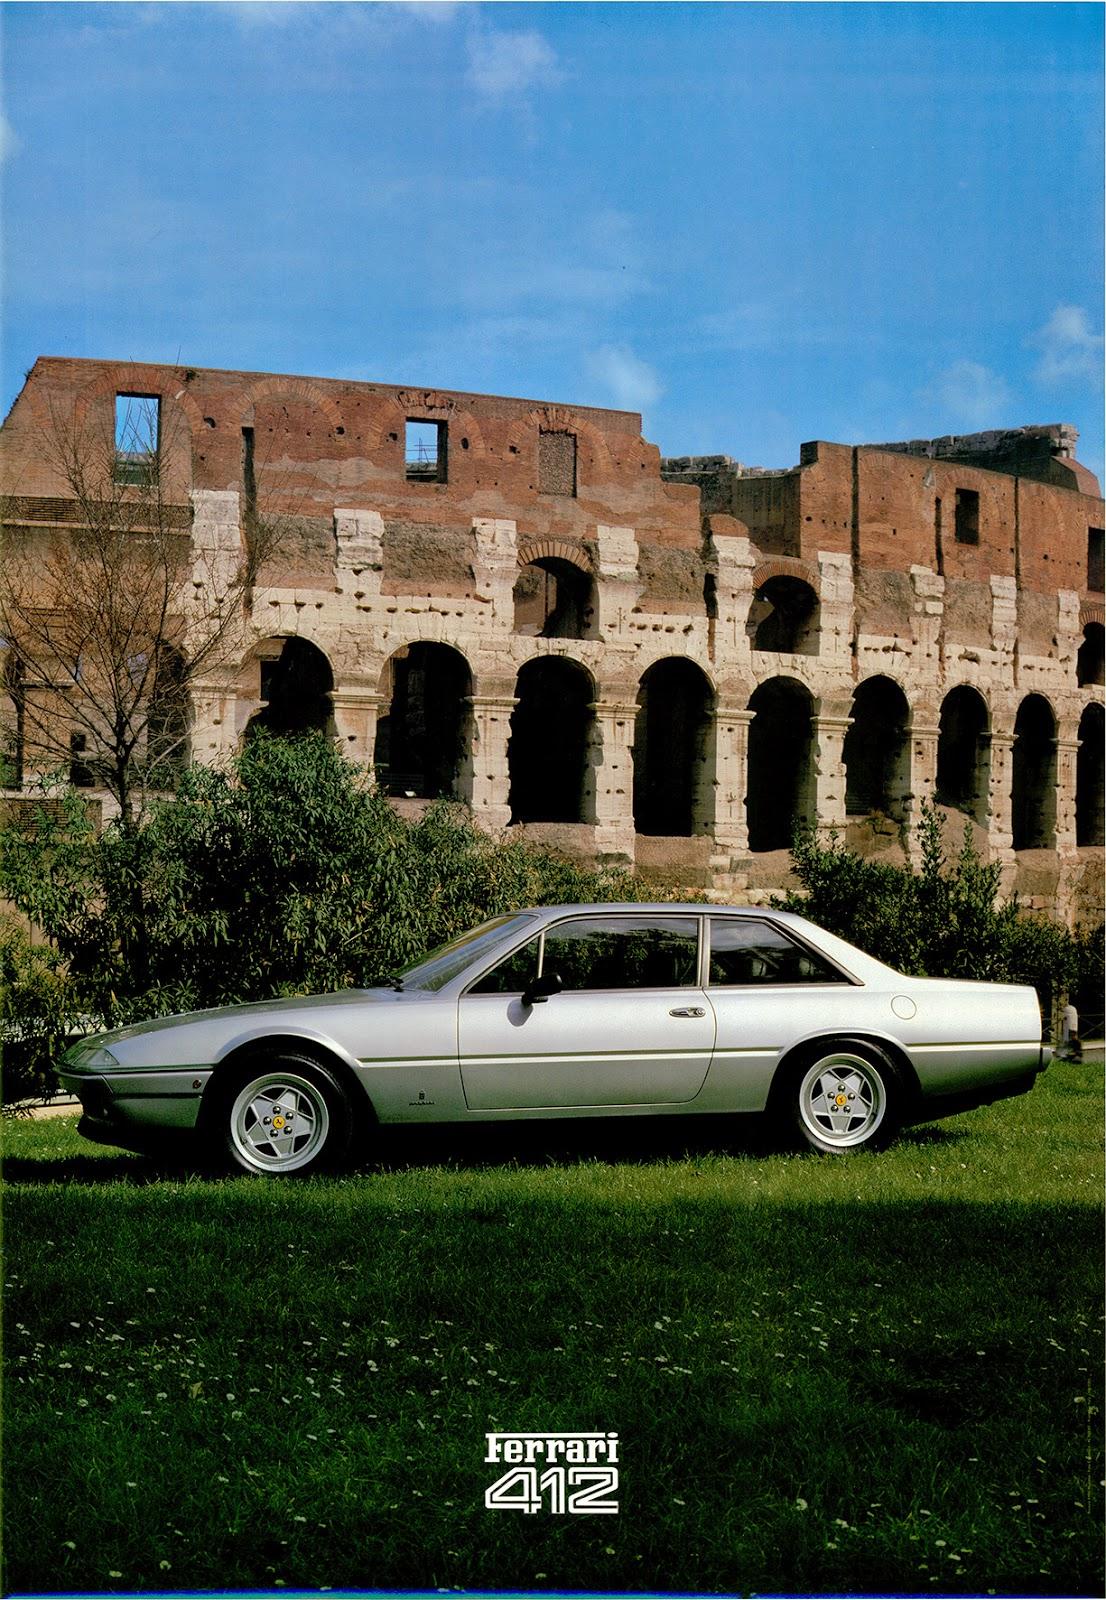 Ferrari_412_poster2.jpg